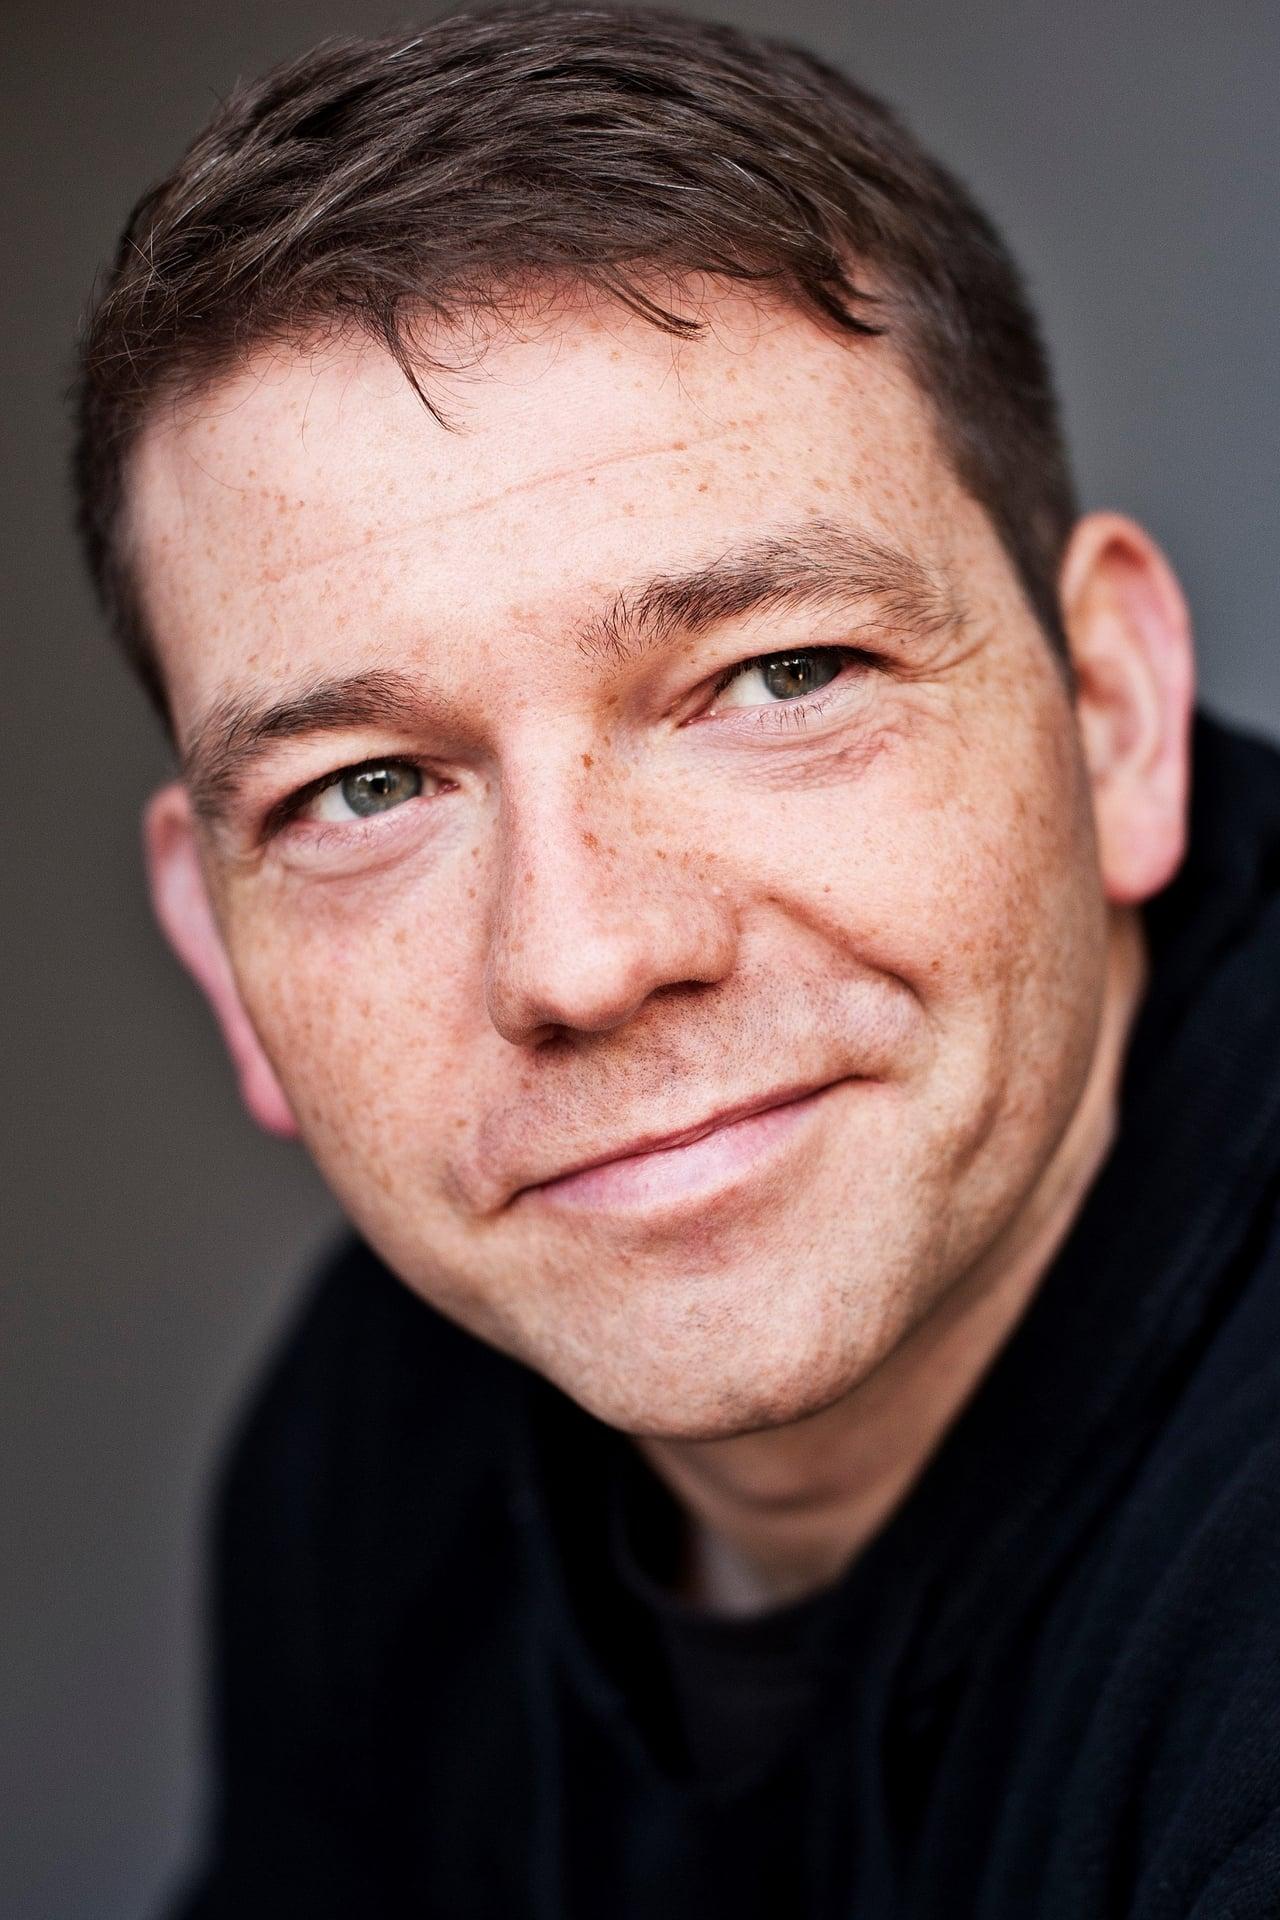 Chris Reilly